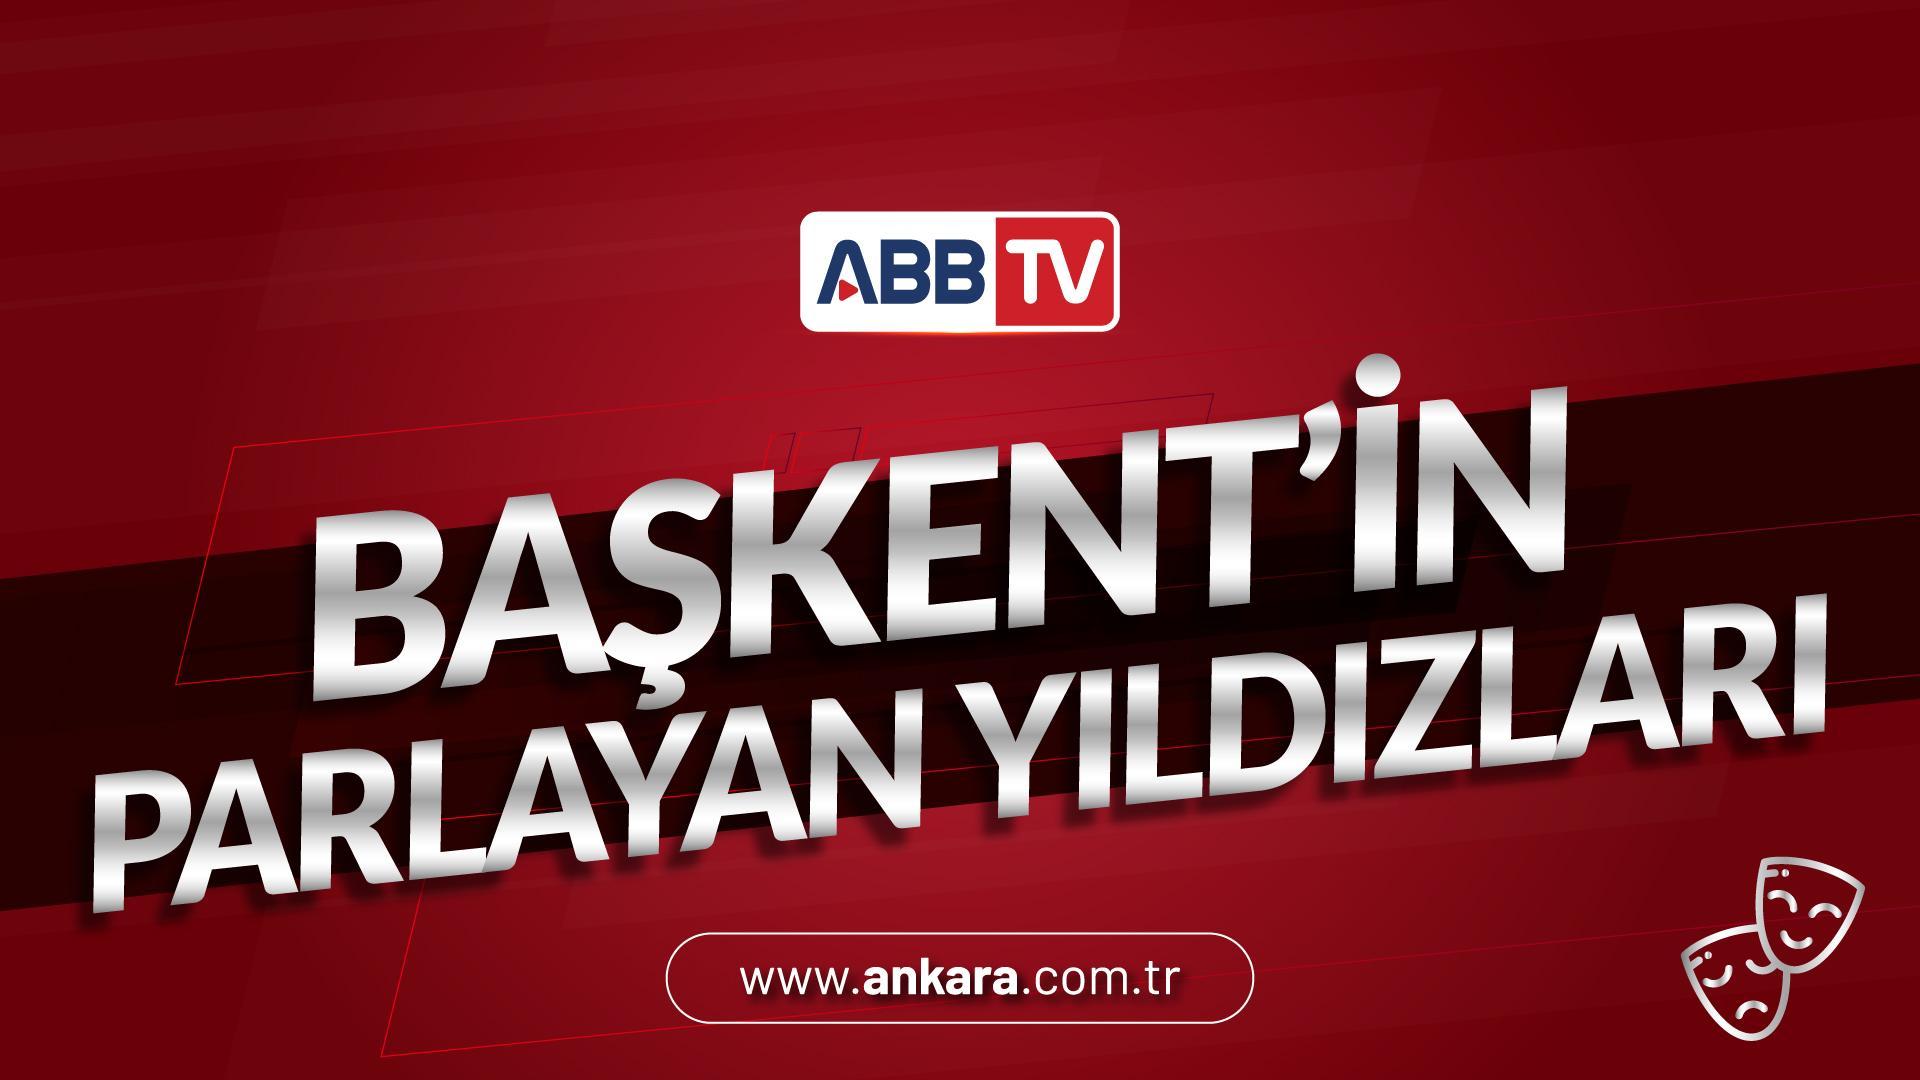 BAŞKENT'İN PARLAYAN YILDIZLARI - 4. BÖLÜM